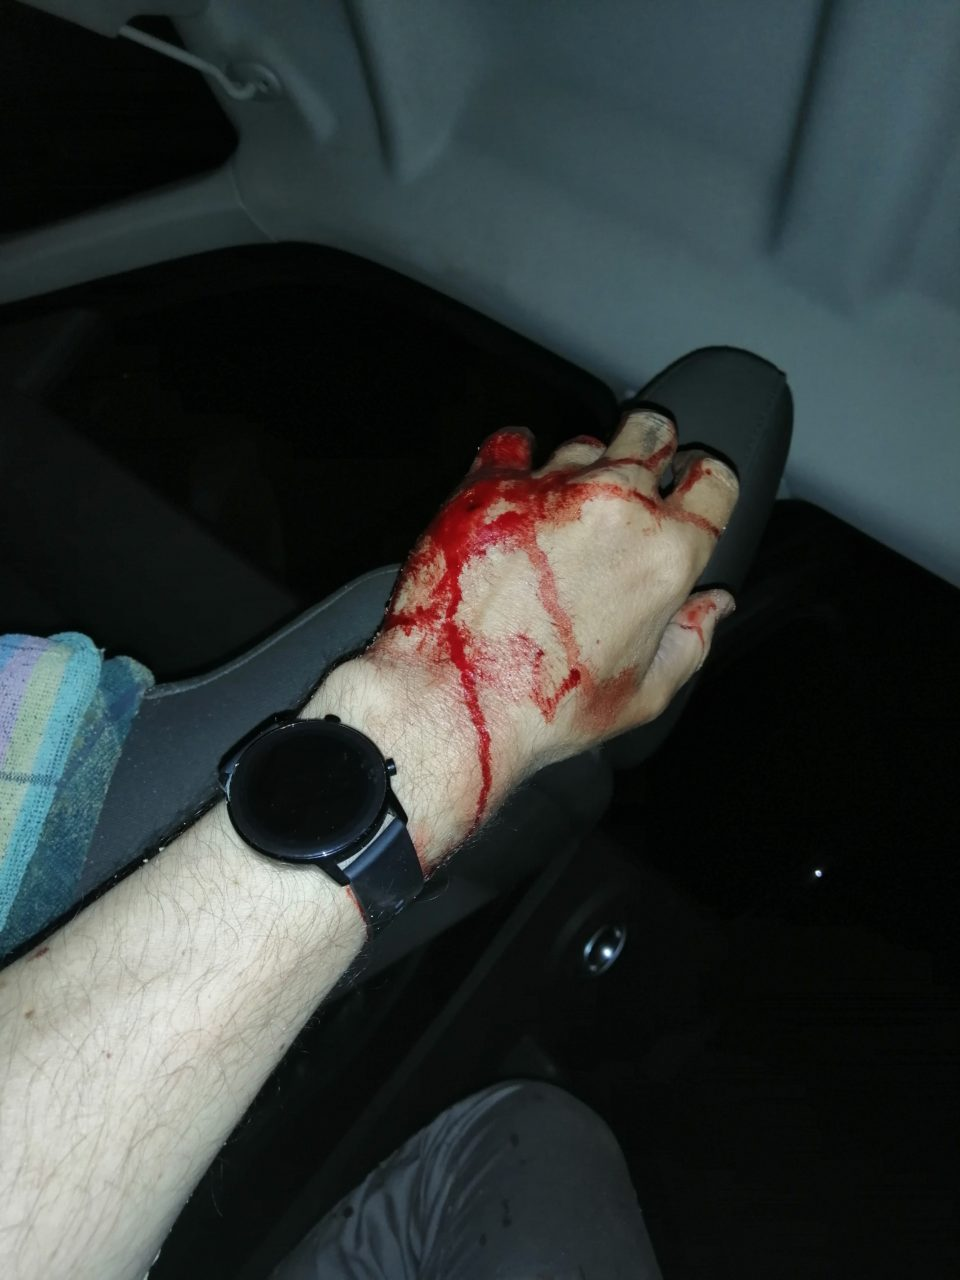 Я лежал на заднем сиденье и фотографировал свою руку, из которой шла кровь